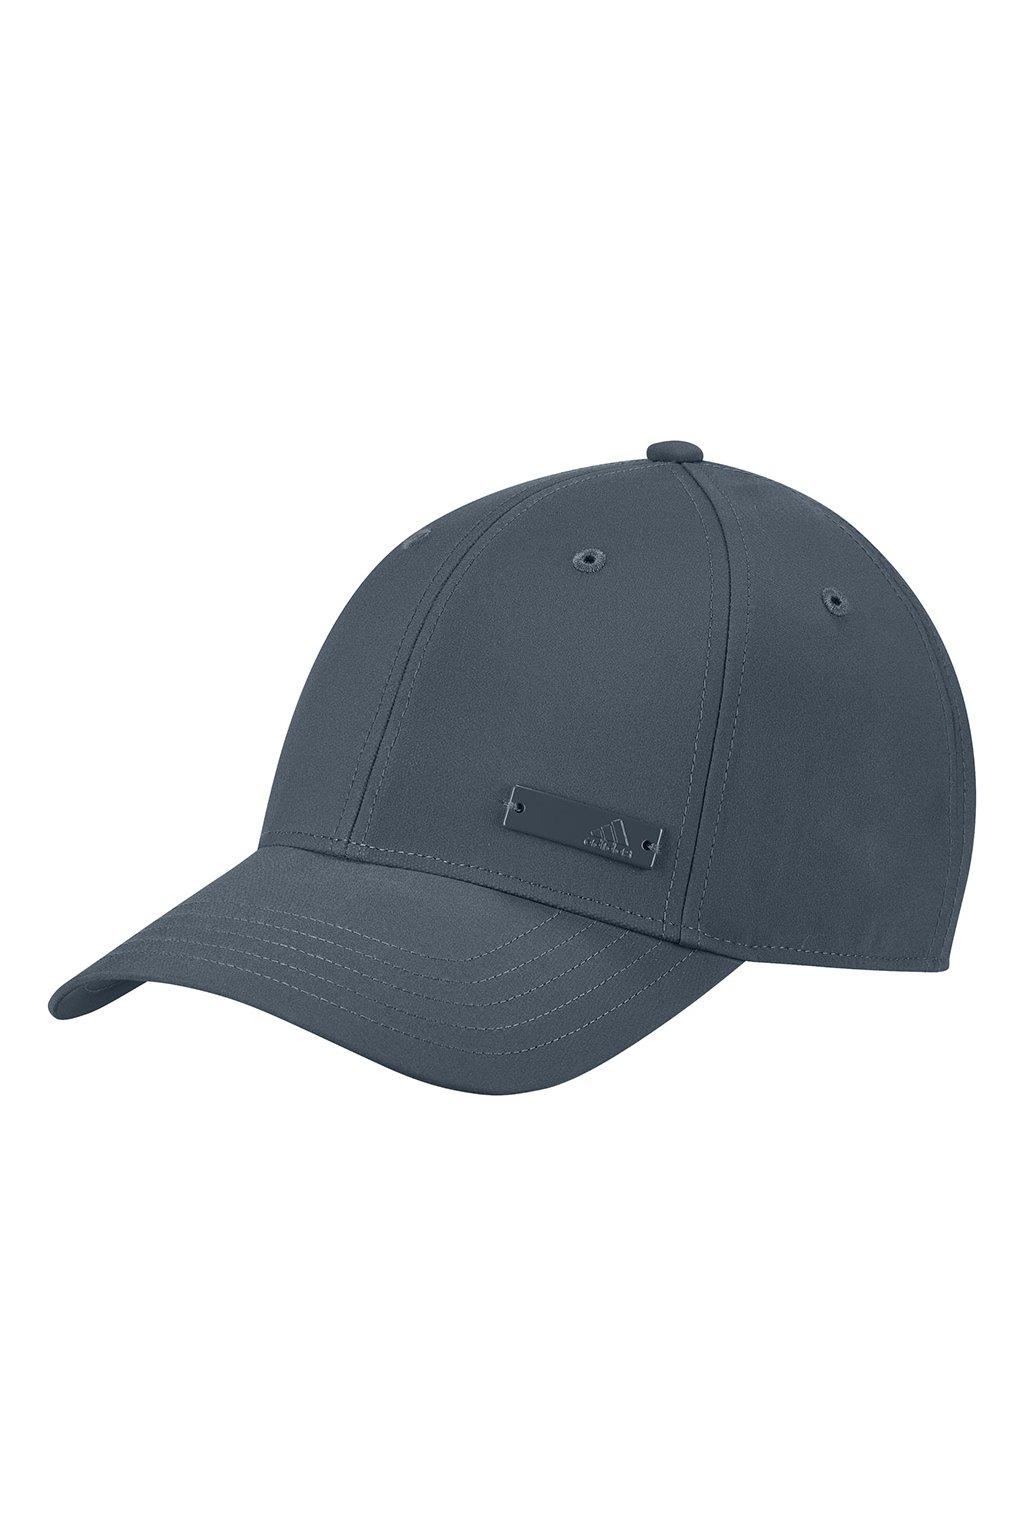 Juniorská šiltovka adidas Baseball Cap LT MET šedá OSFY GE0755